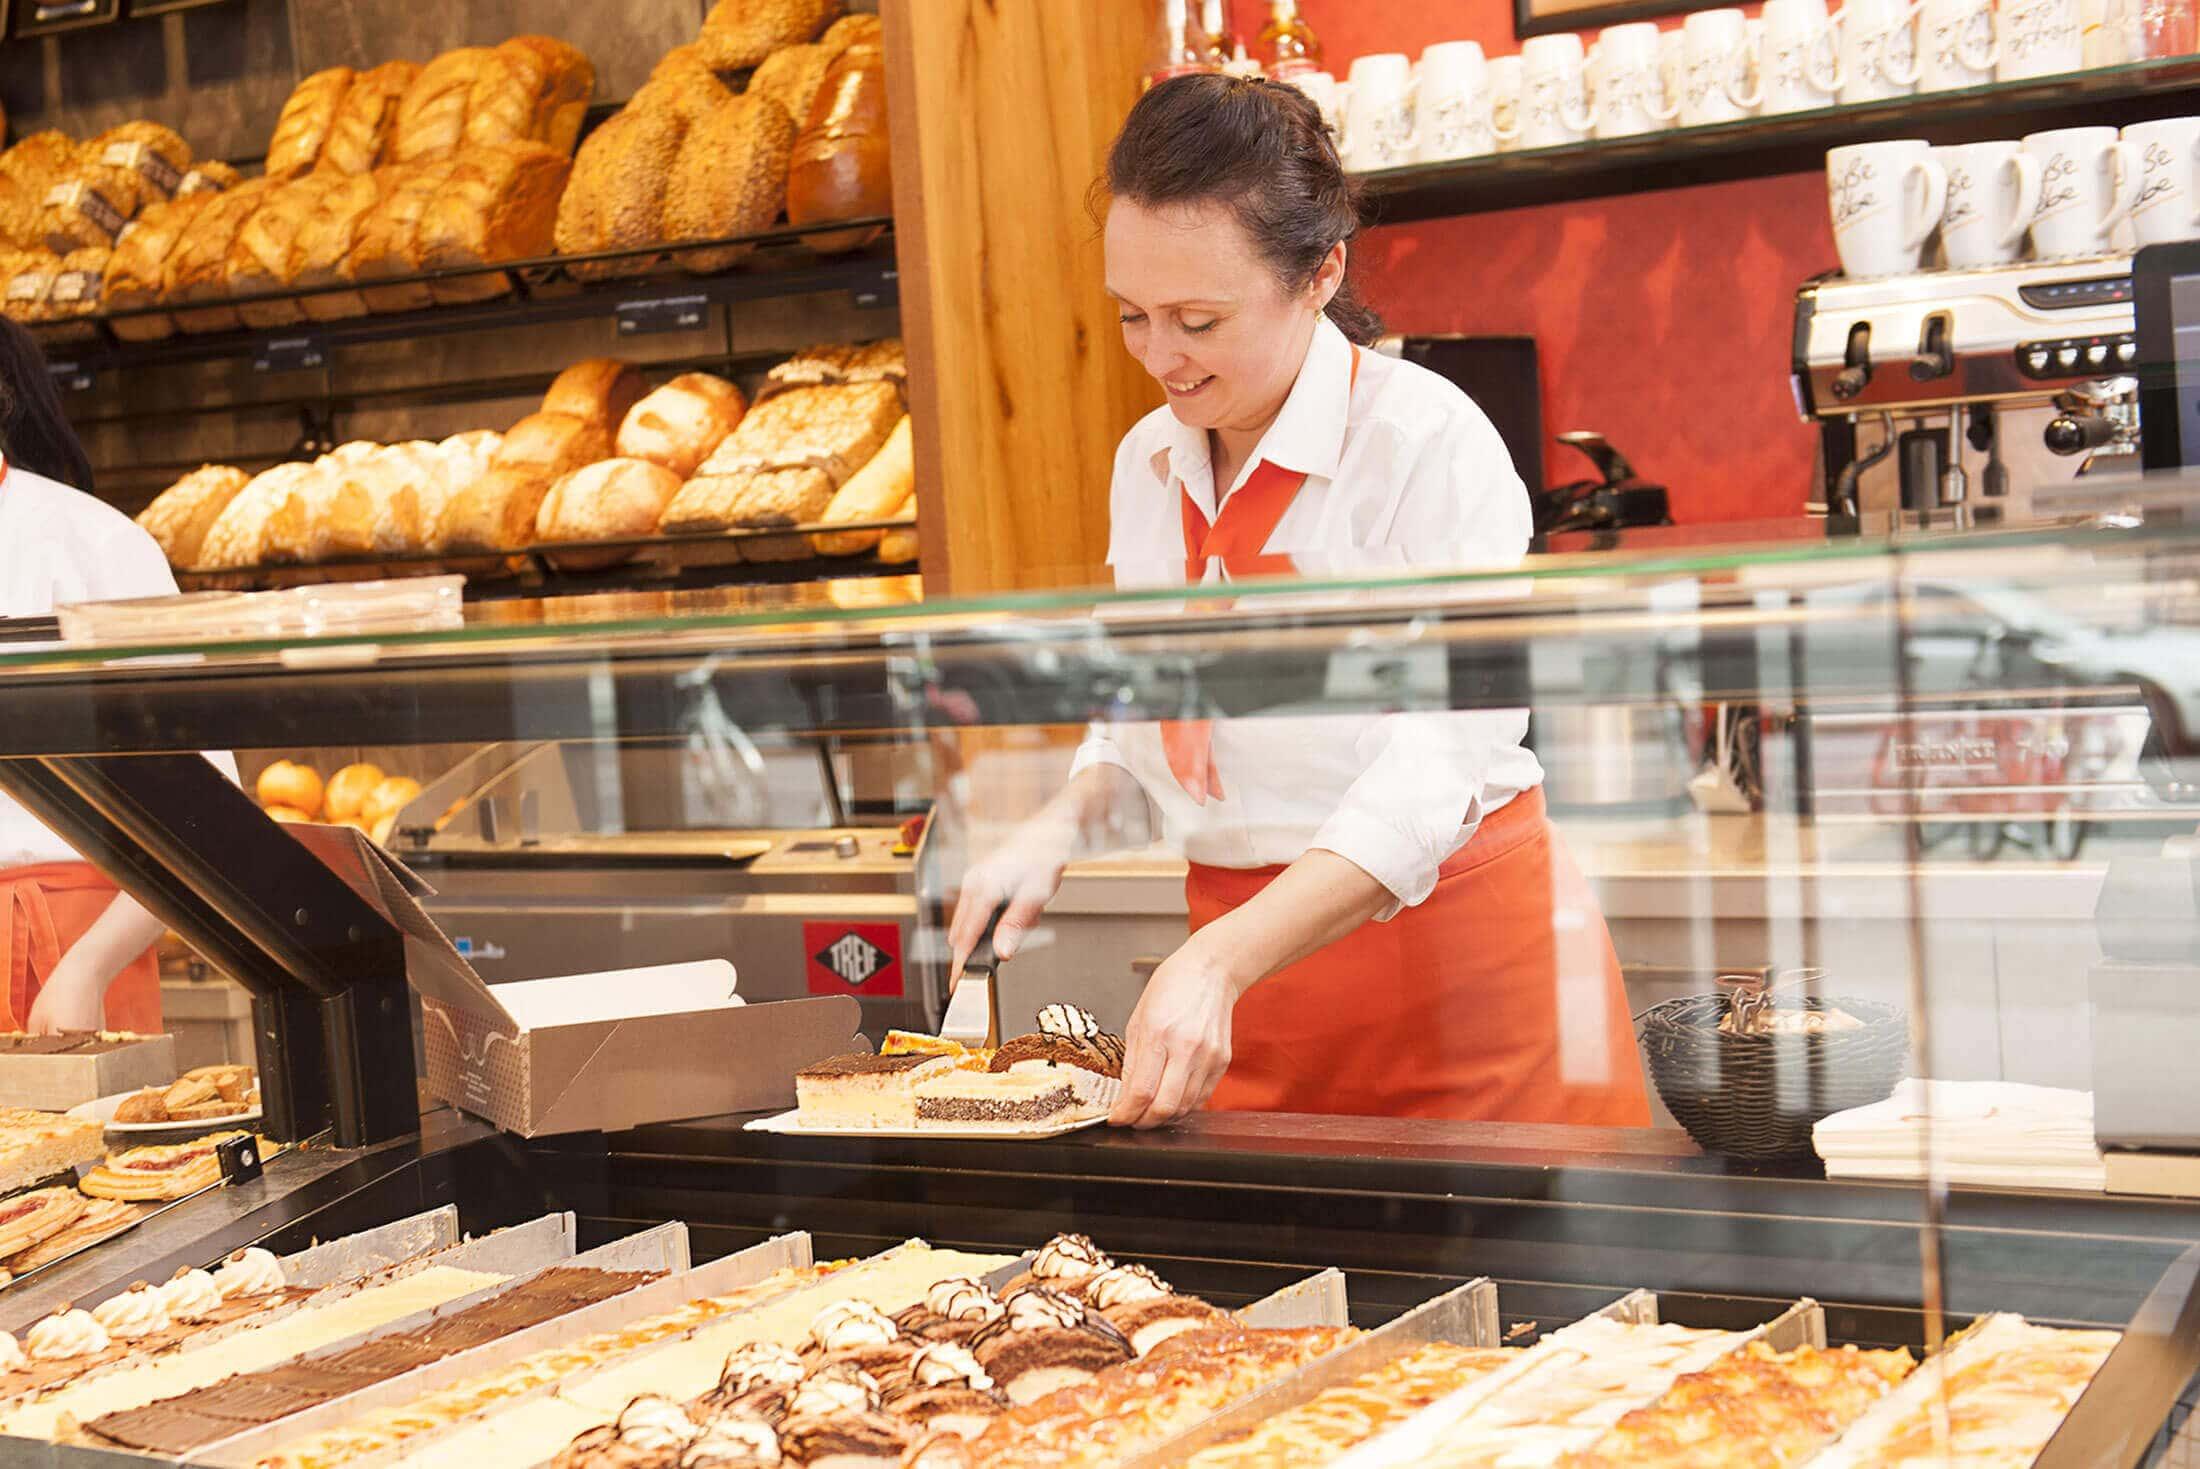 Verkäferin stellt Kuchenstücke zusammen